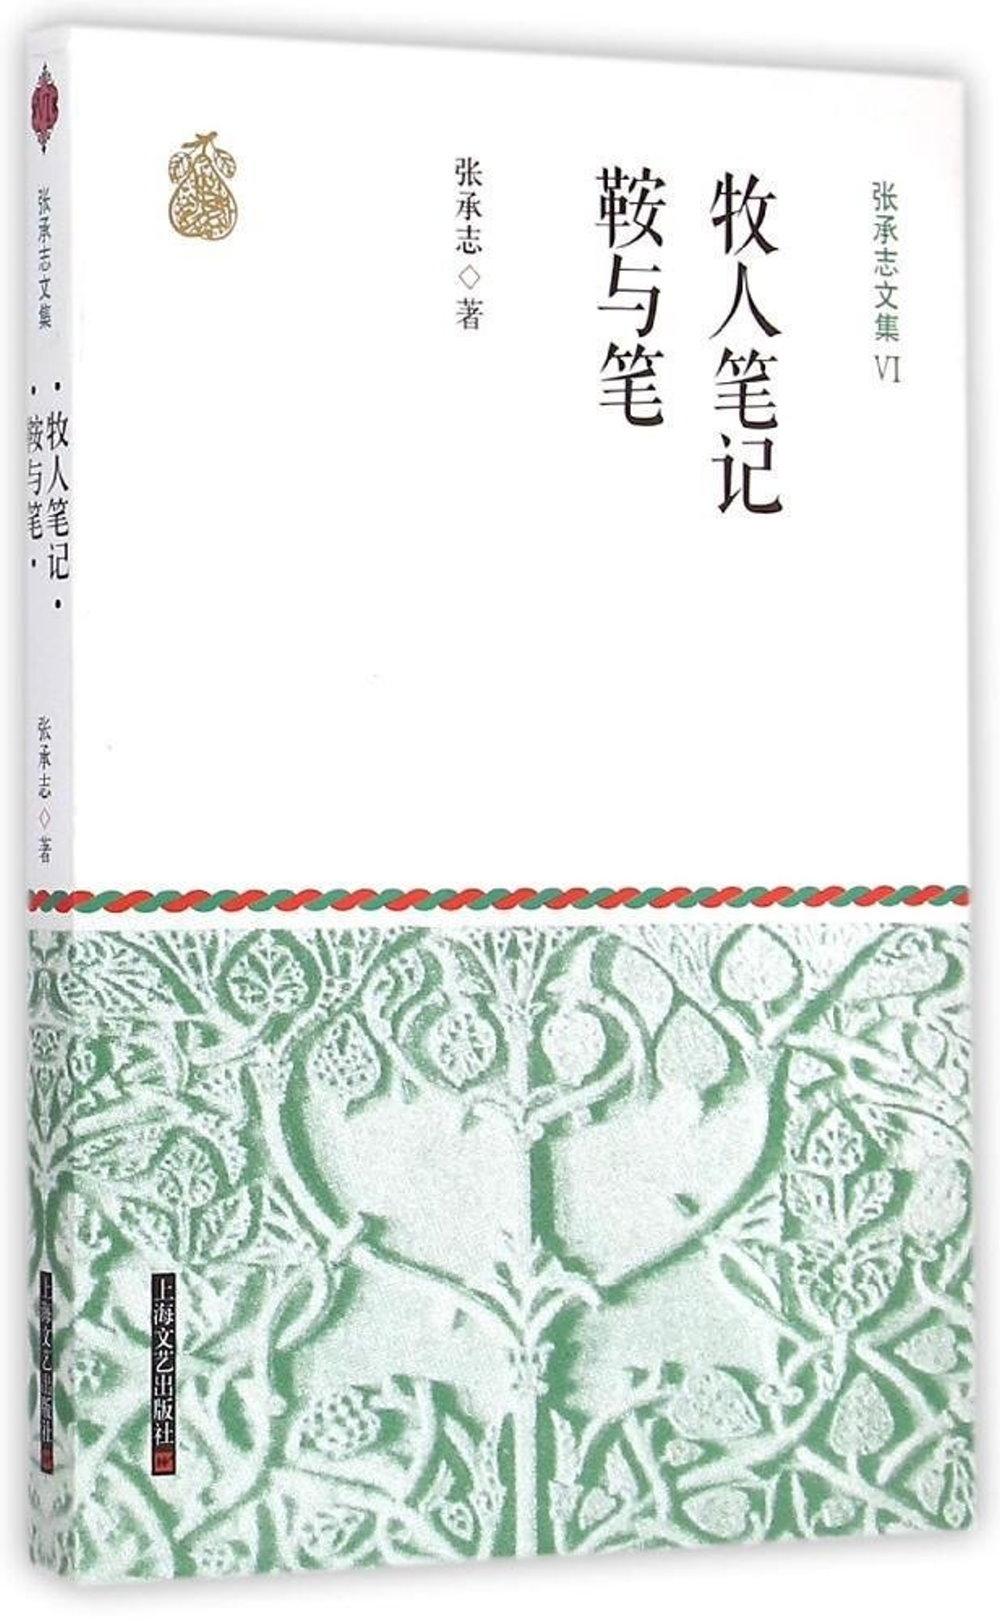 張承志文集(Ⅵ):牧人筆記·鞍與筆